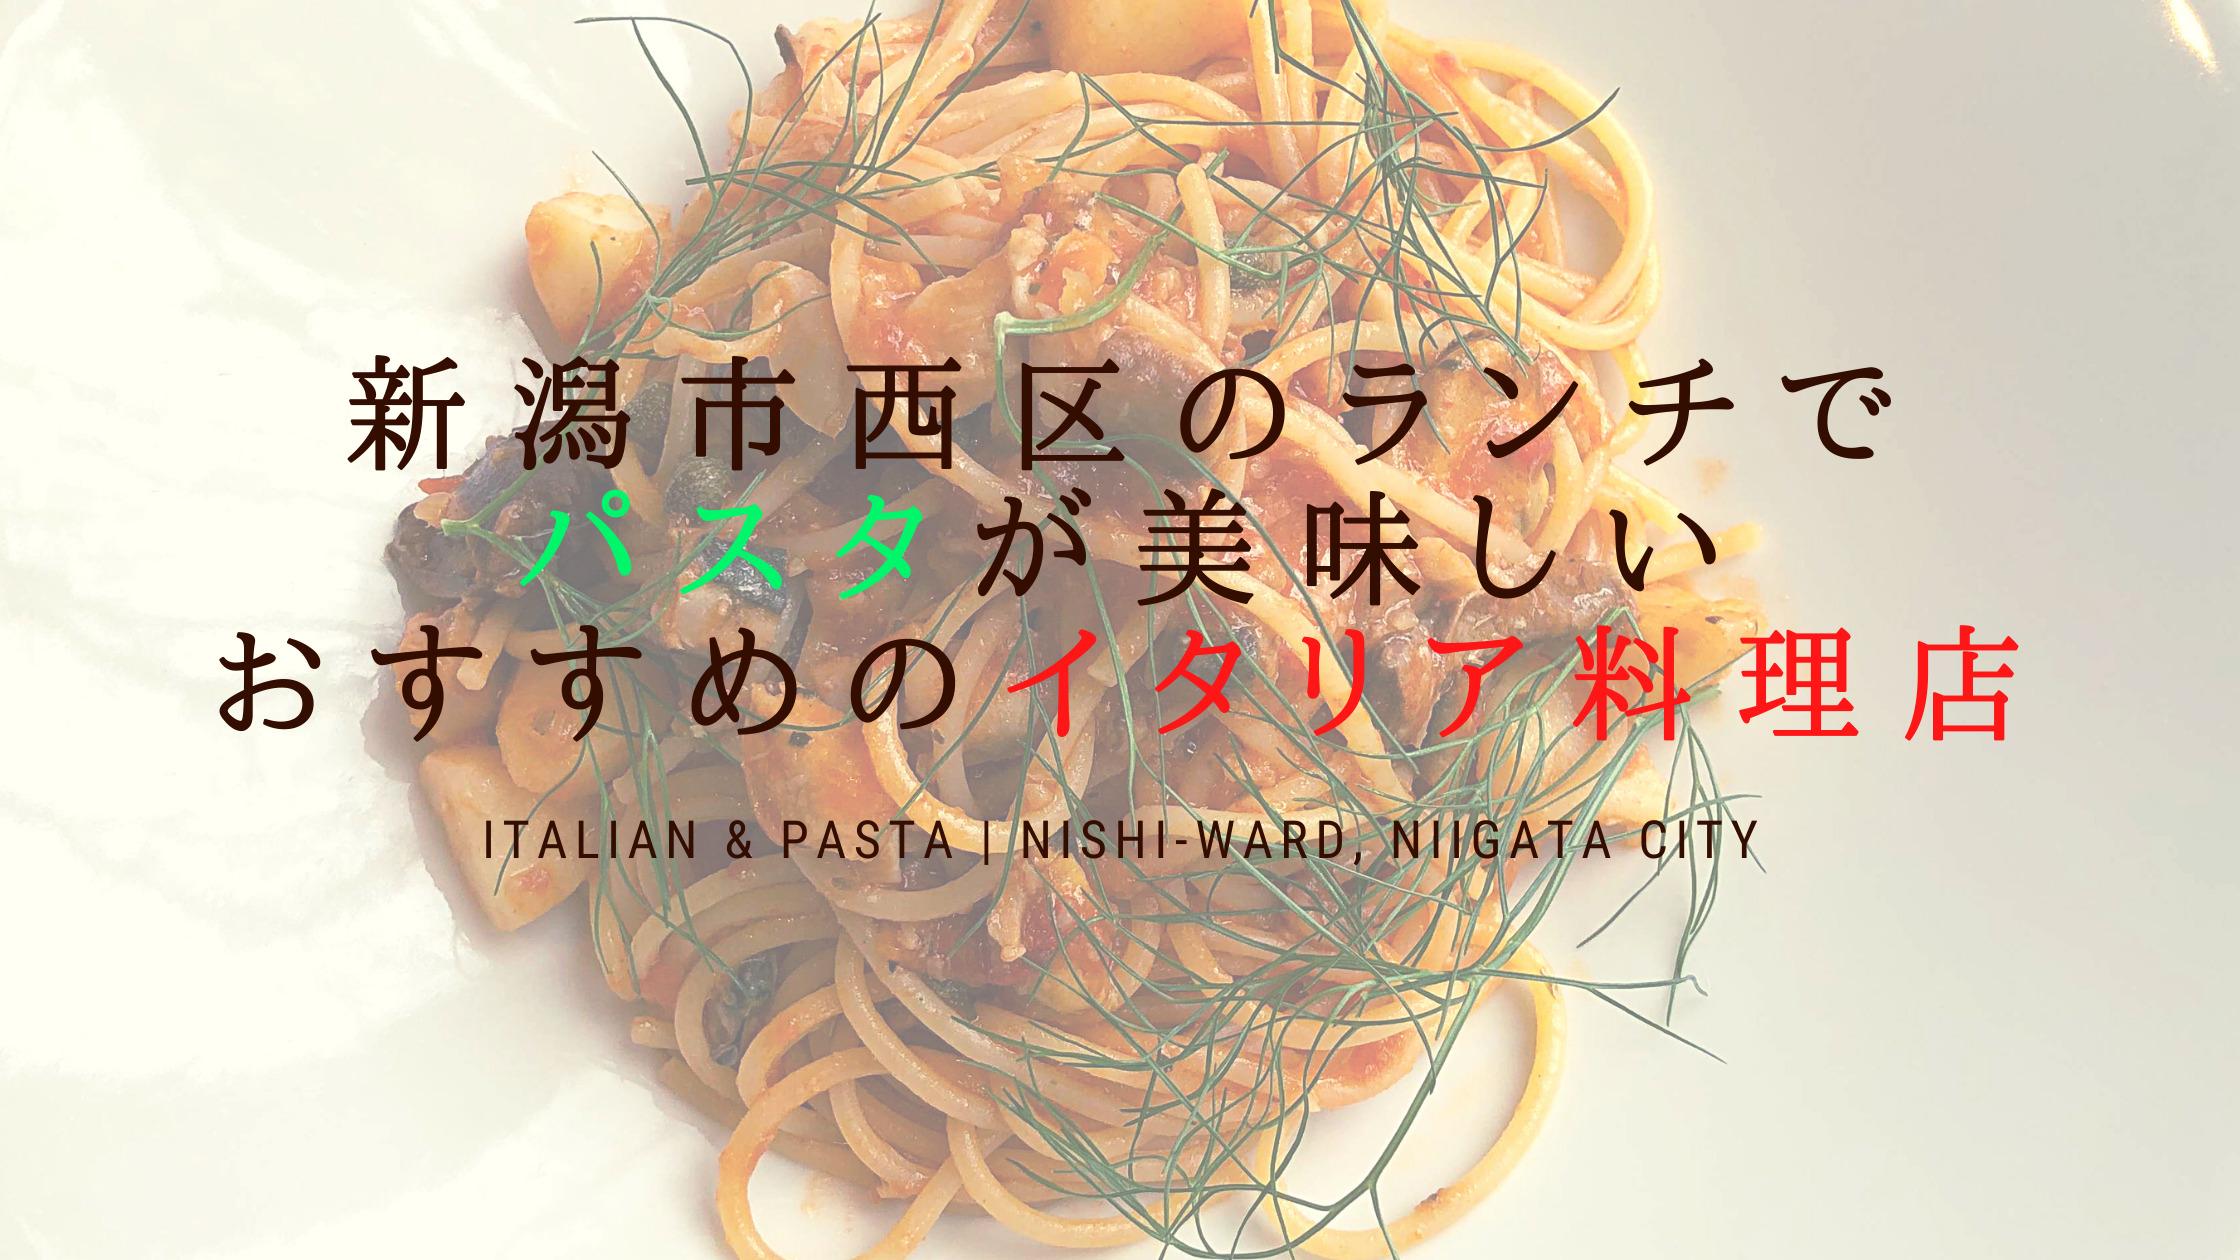 新潟市西区のランチでパスタが美味しいおすすめのイタリア料理店まとめ